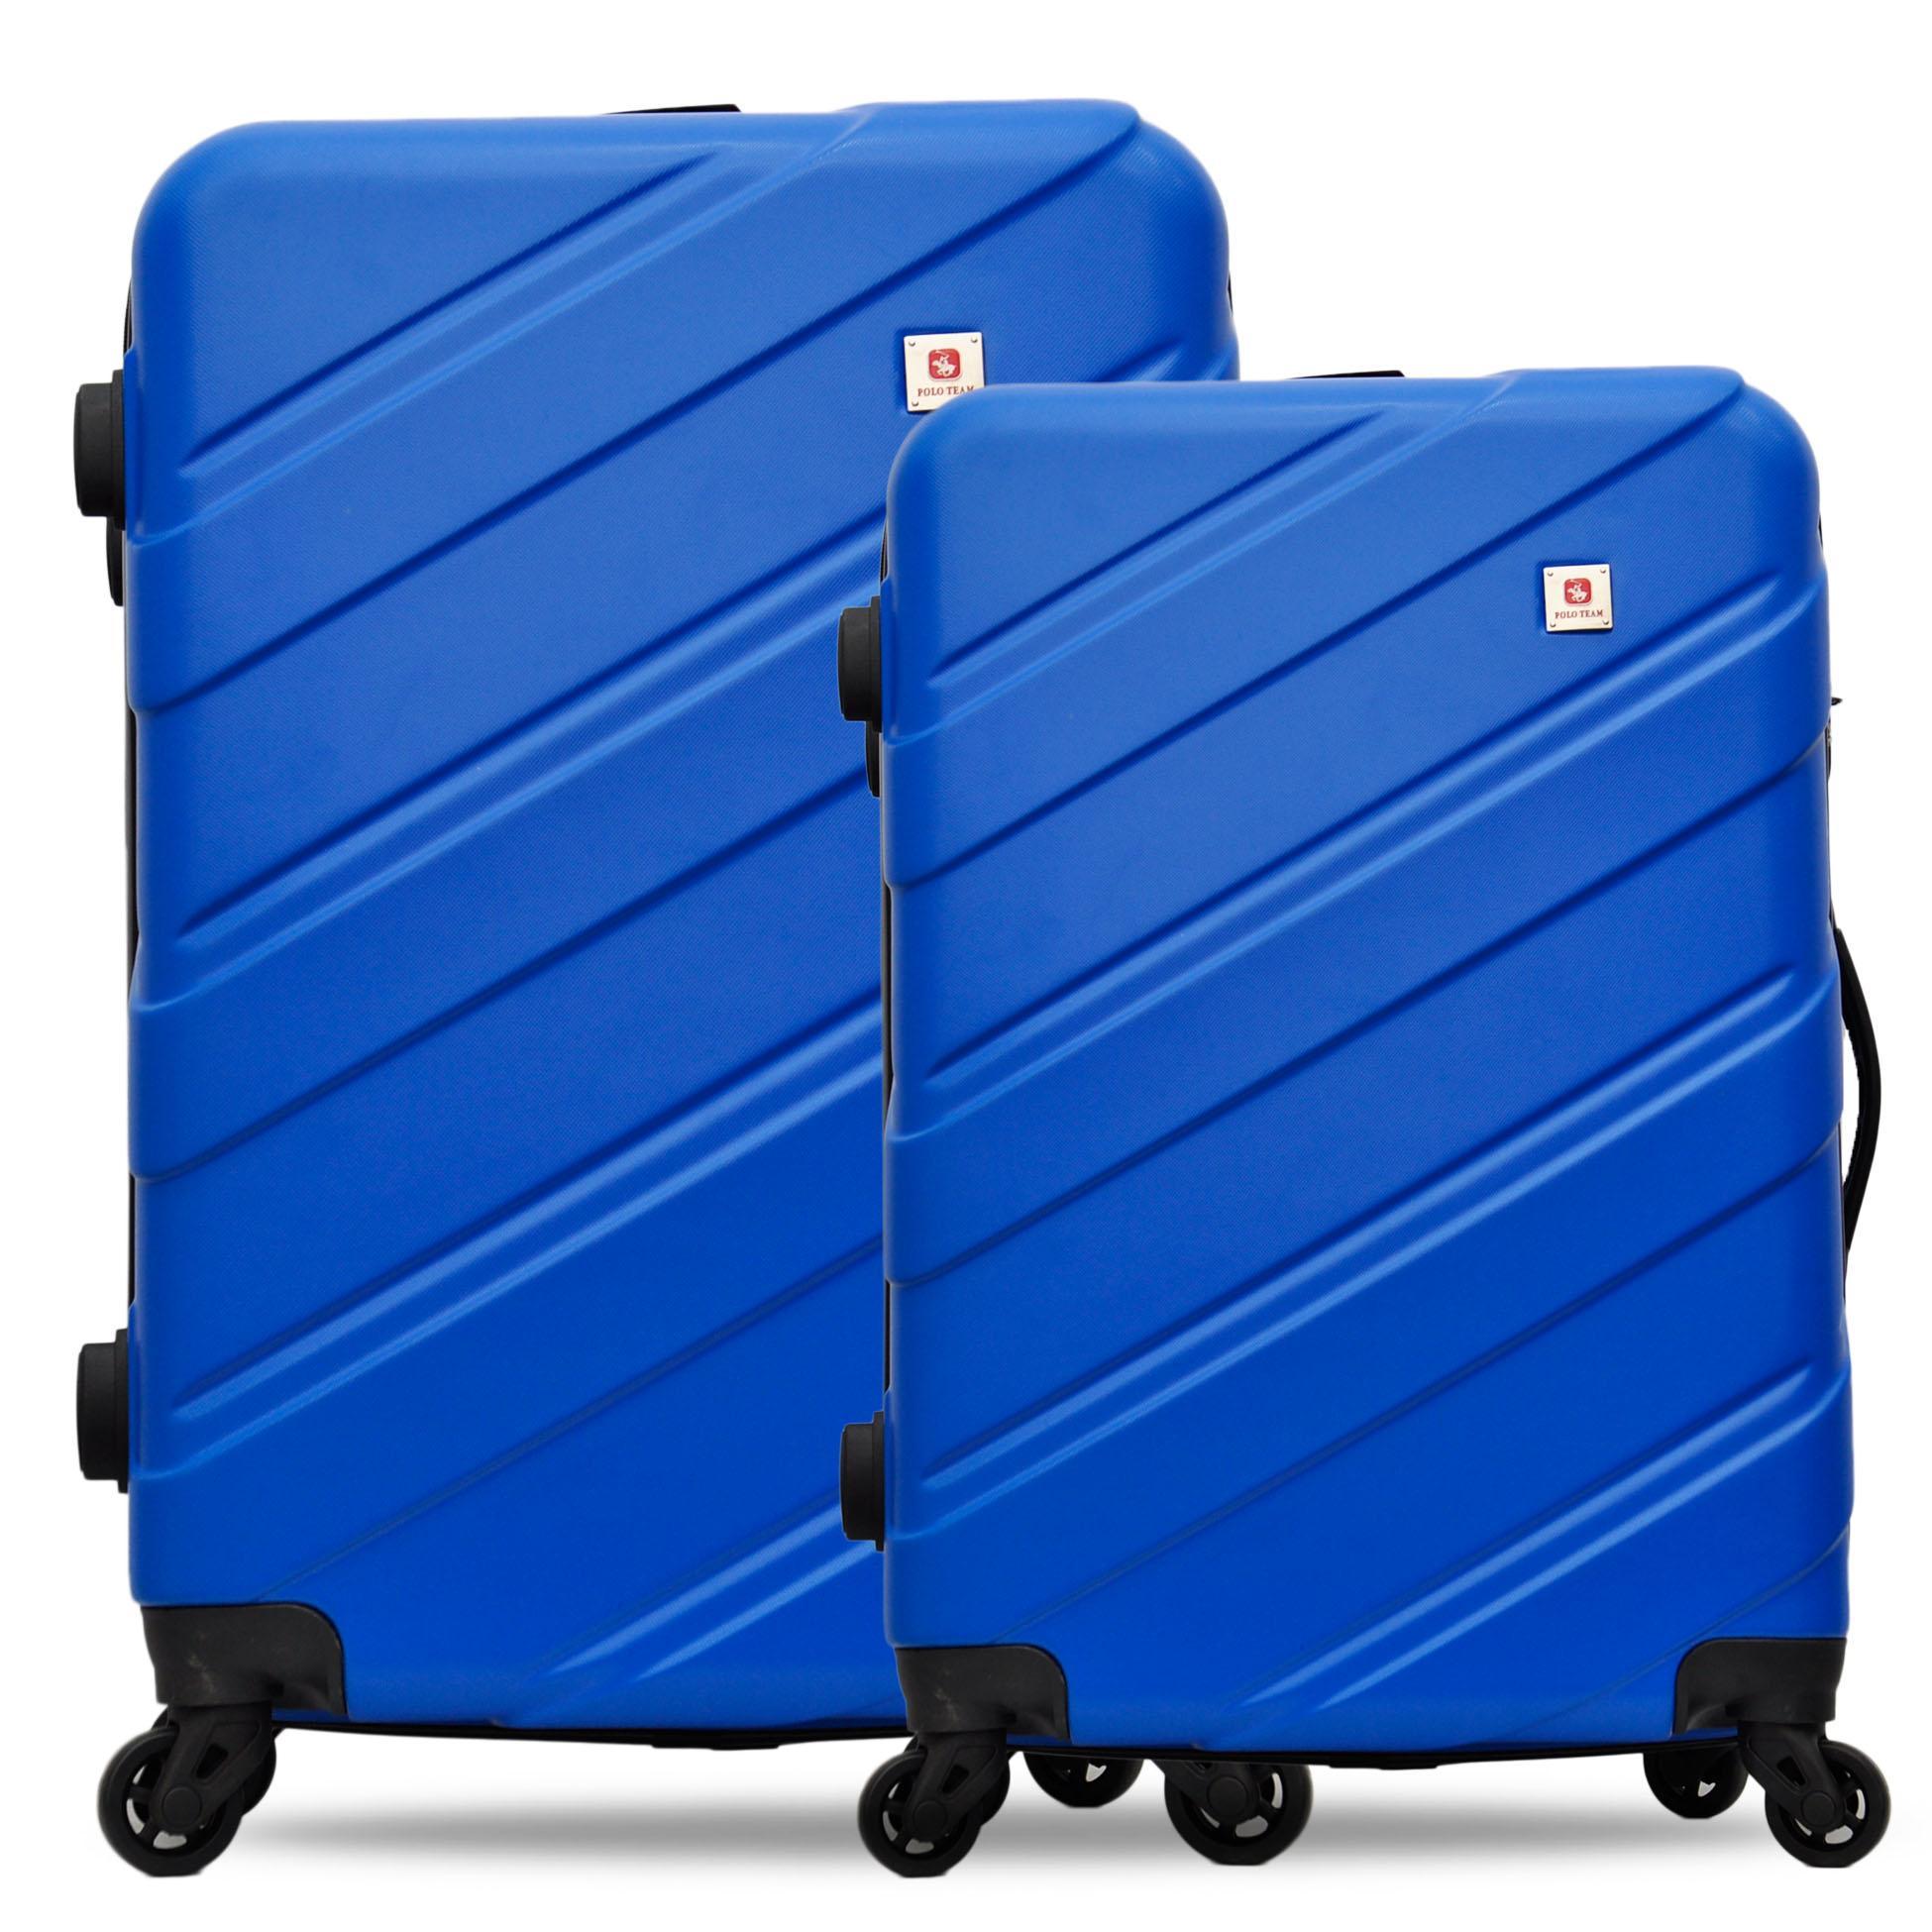 Polo Team Tas Koper Hardcase Set Size 20 Inch + 24 Inch - 040 By Koper Id.